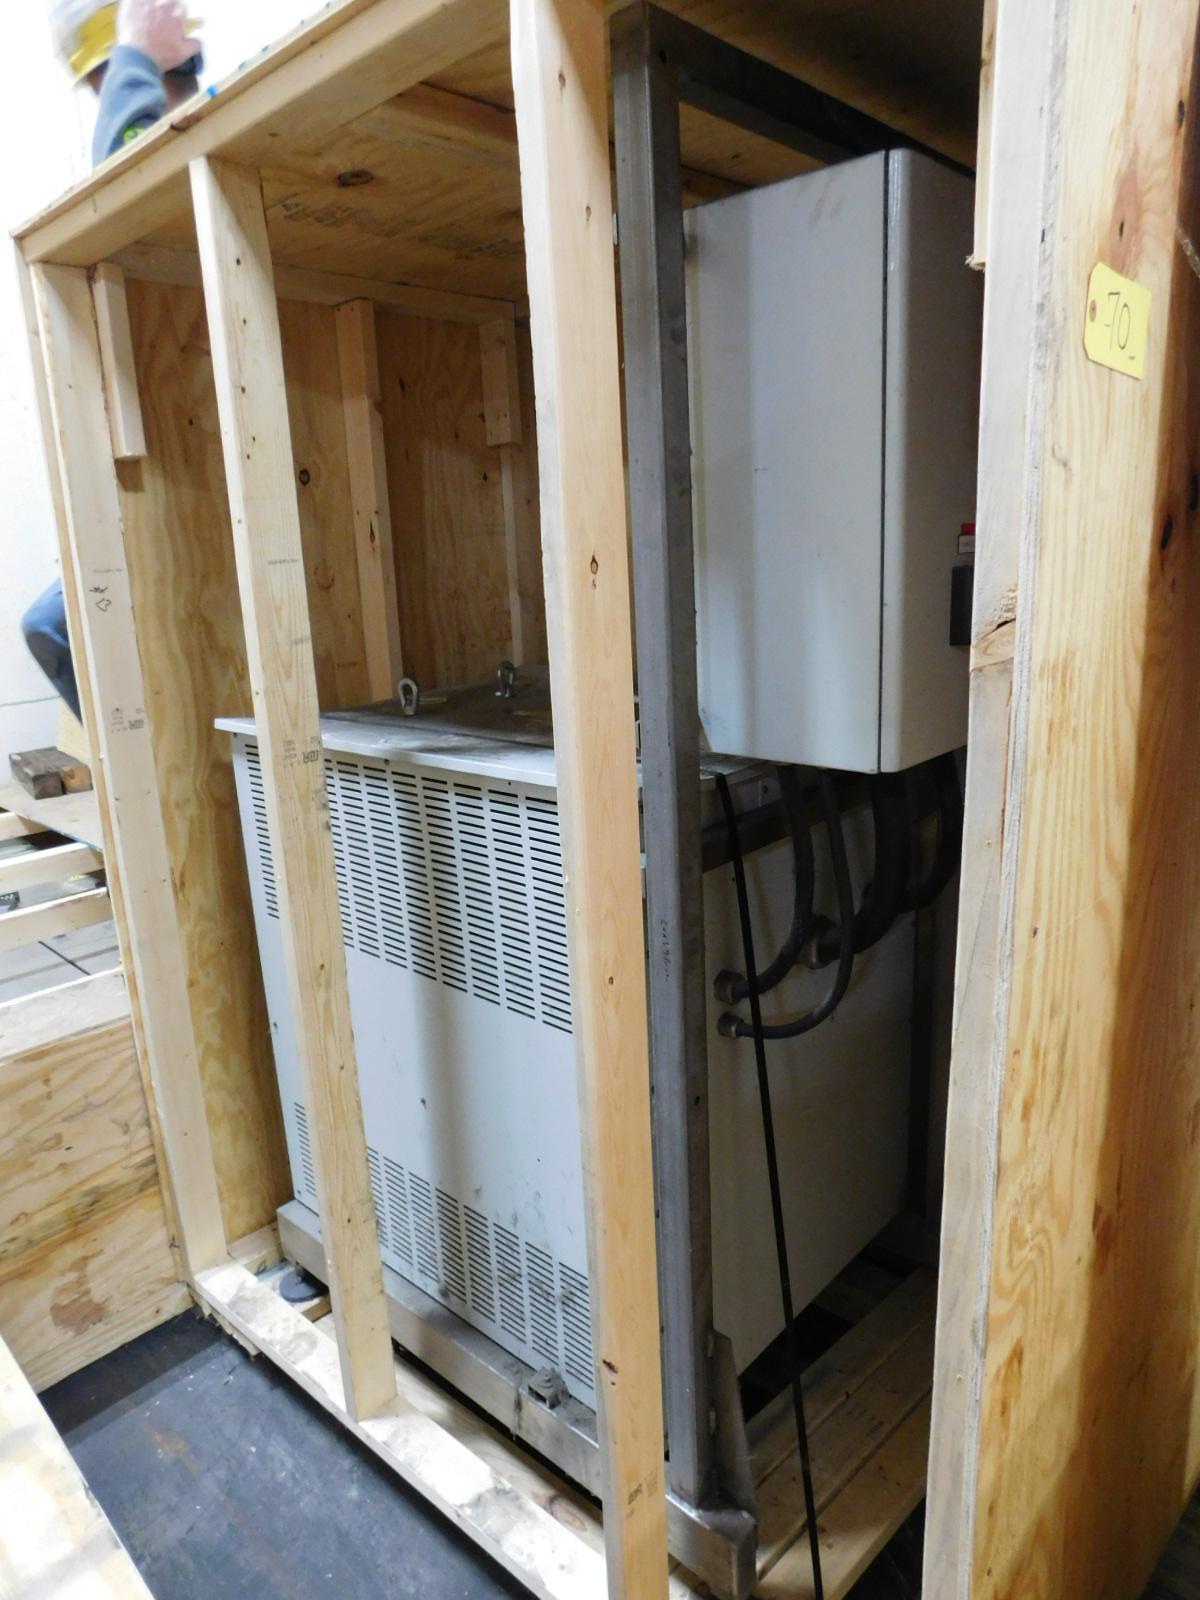 Lot 70 - Legrand UPS Power conditioner 100KVA 480V/192A, Model P:1600KVA, SN: REF:7920021,Mfg 9-1993 :